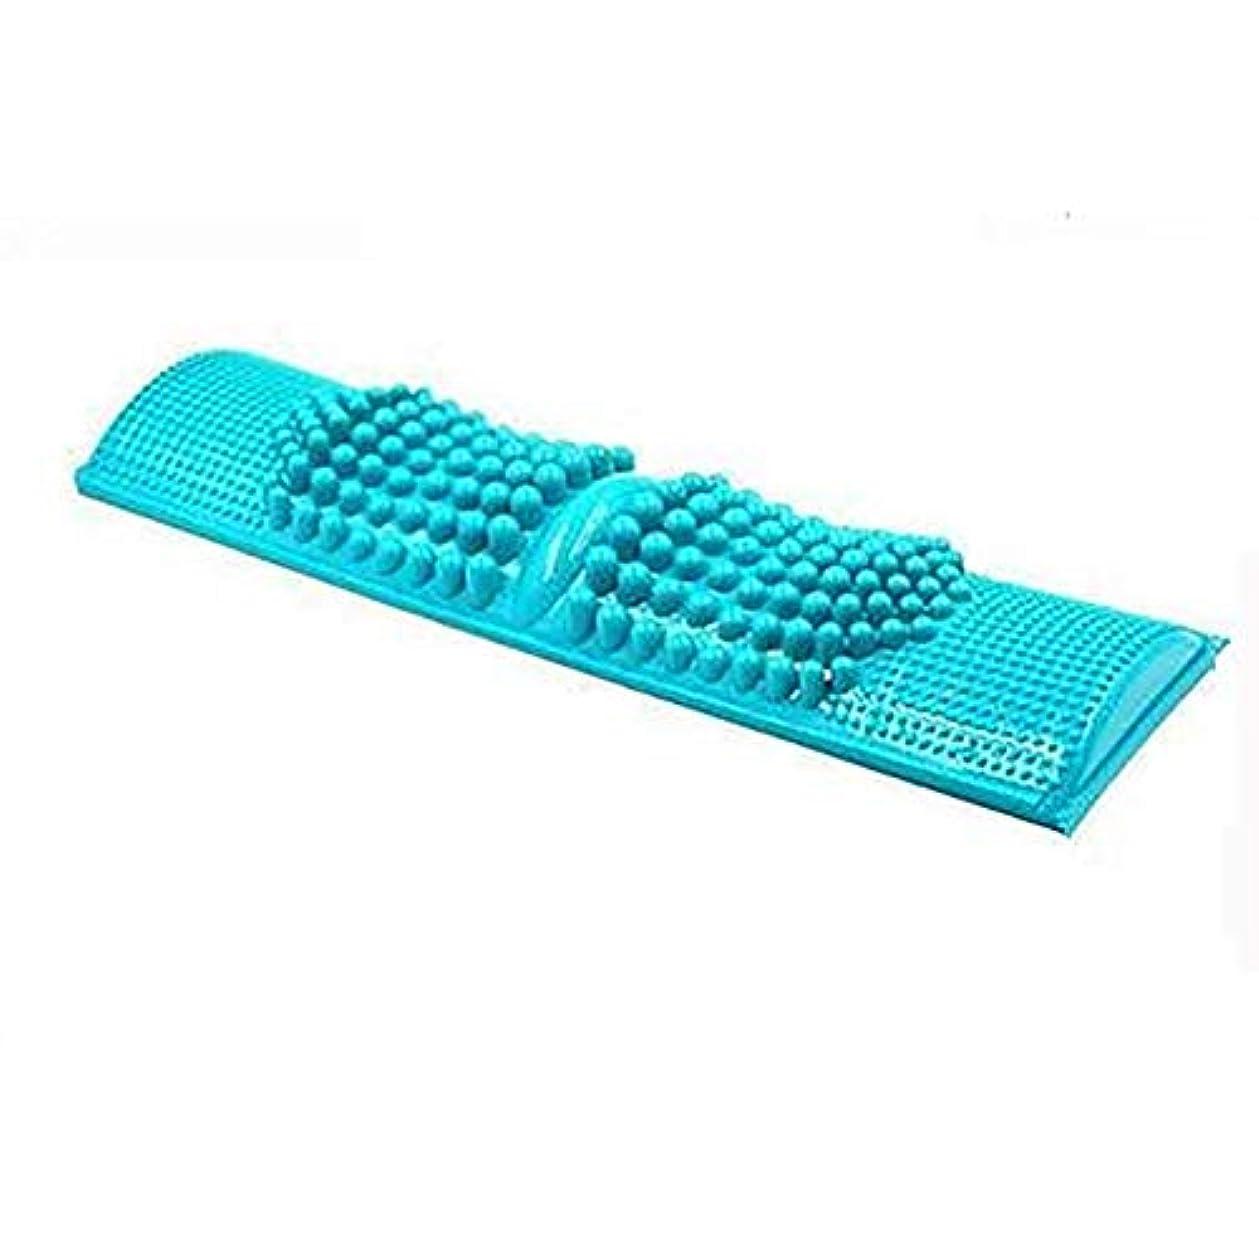 境界摩擦ママZXCP 簡単に健康維持 BIGサイズ 足つぼマッサージ 【足つぼ対応表付き】 足 踏み 足裏 刺激 血行促進 (ブルー)